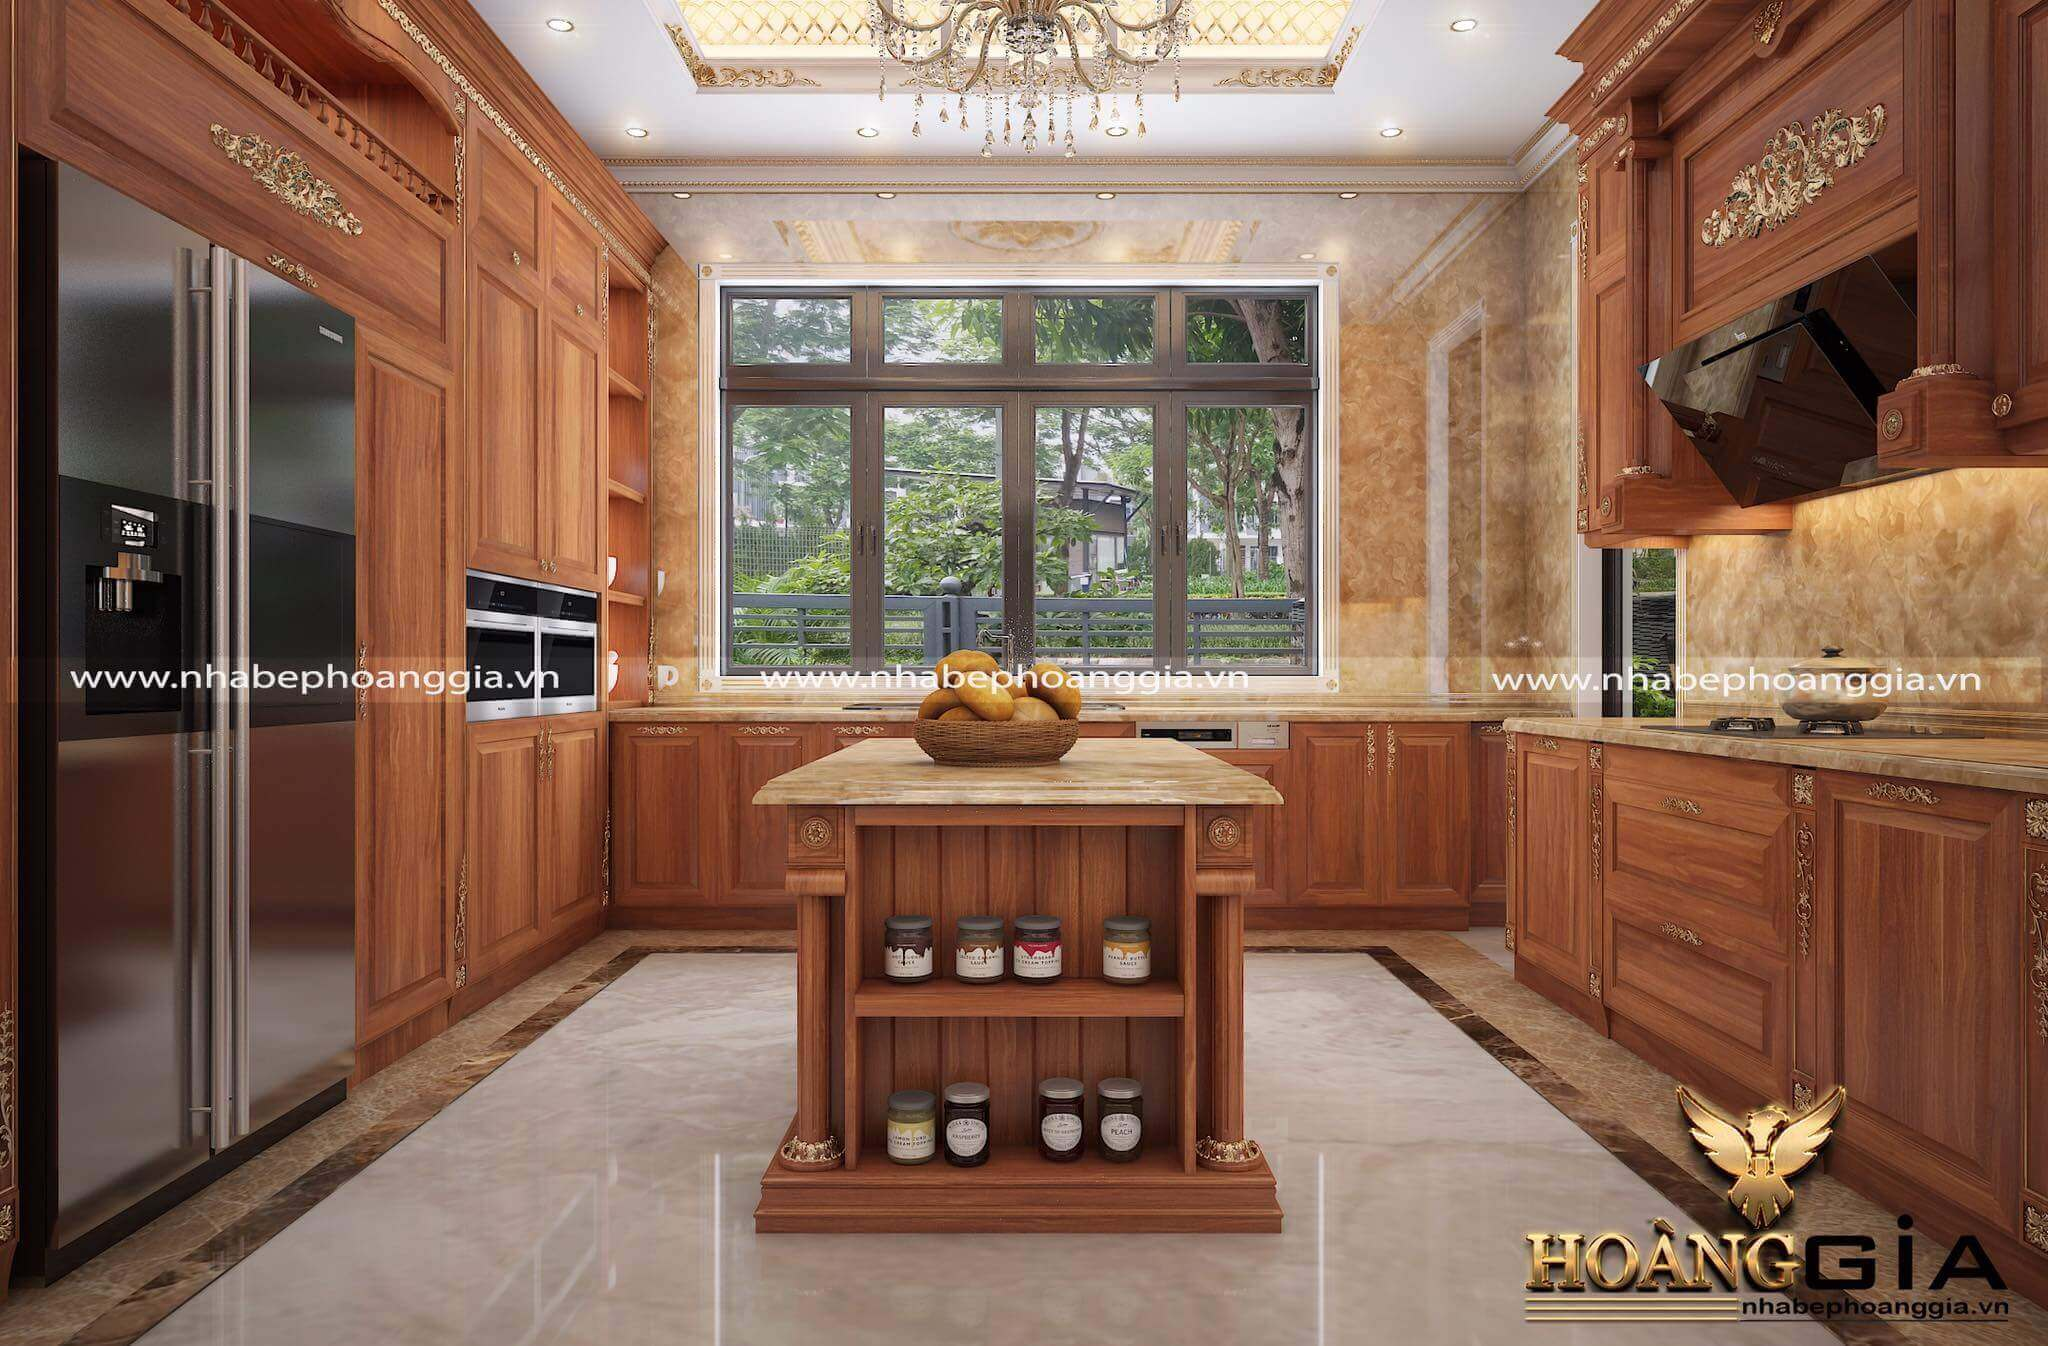 mẫu tủ bếp đẹp có cửa sổ